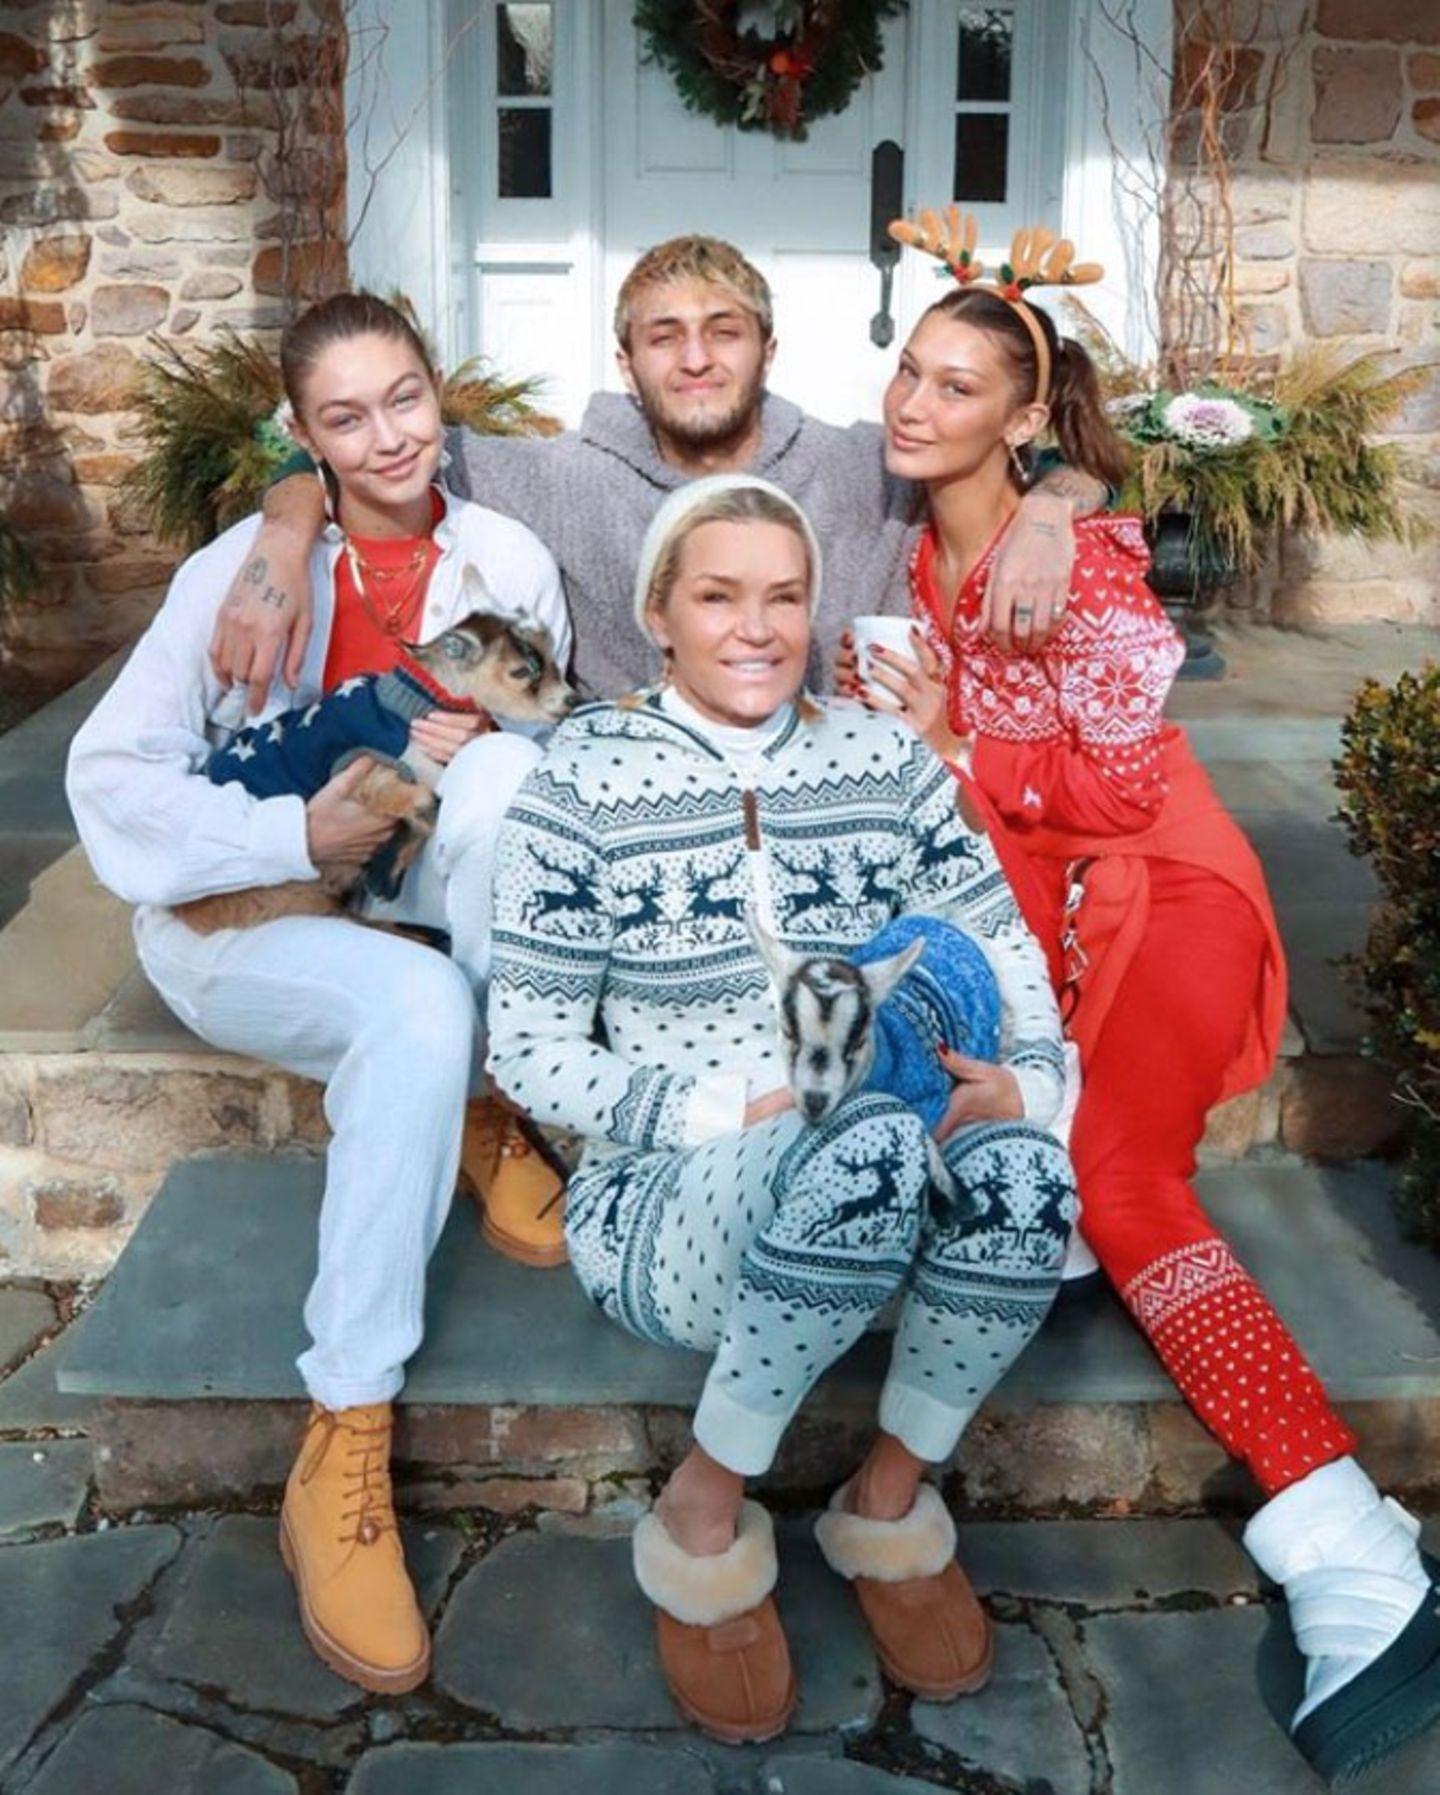 Während der Feiertage macht es sich Model-Familie Hadid gemeinsamgemütlich: Bella Hadid zeigt uns dieses entspannte Foto mit ihren Geschwistern Gigi und Anwar, Mutter Yolanda und... zwei kleinen Ziegen im Weihnachts-Strickpulli.Was sonst.